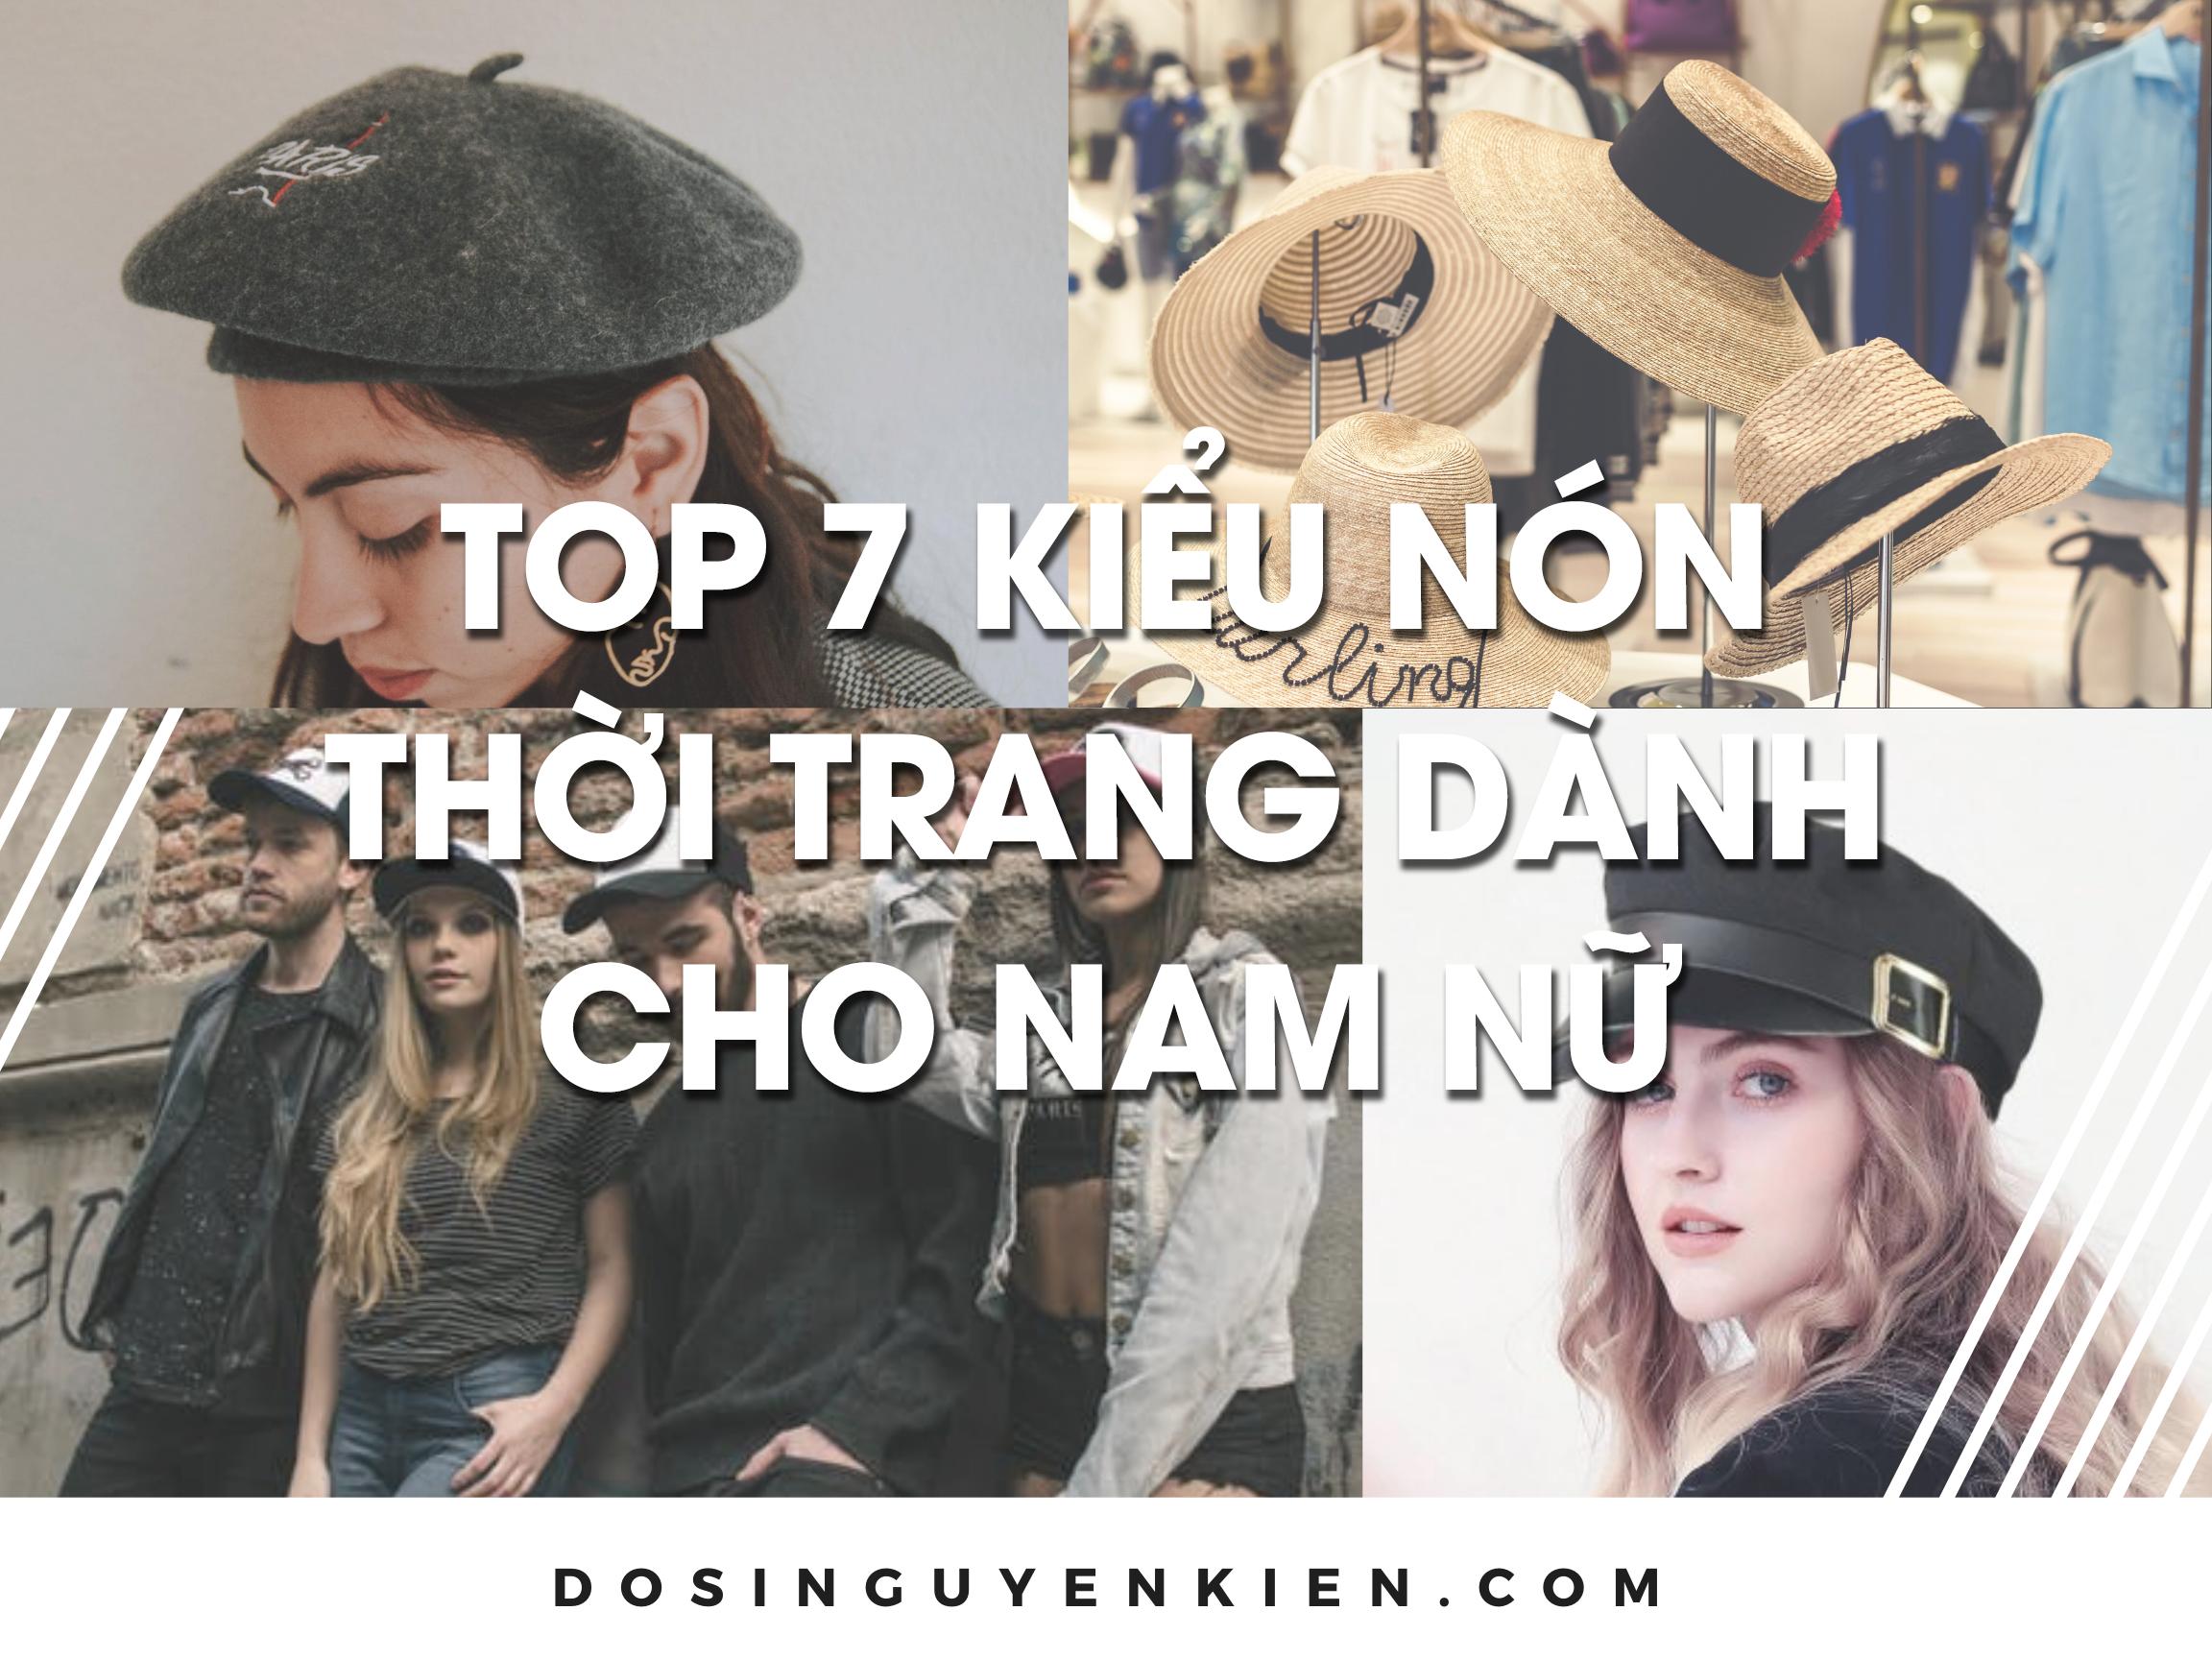 top 7 kieu non danh cho nam nu